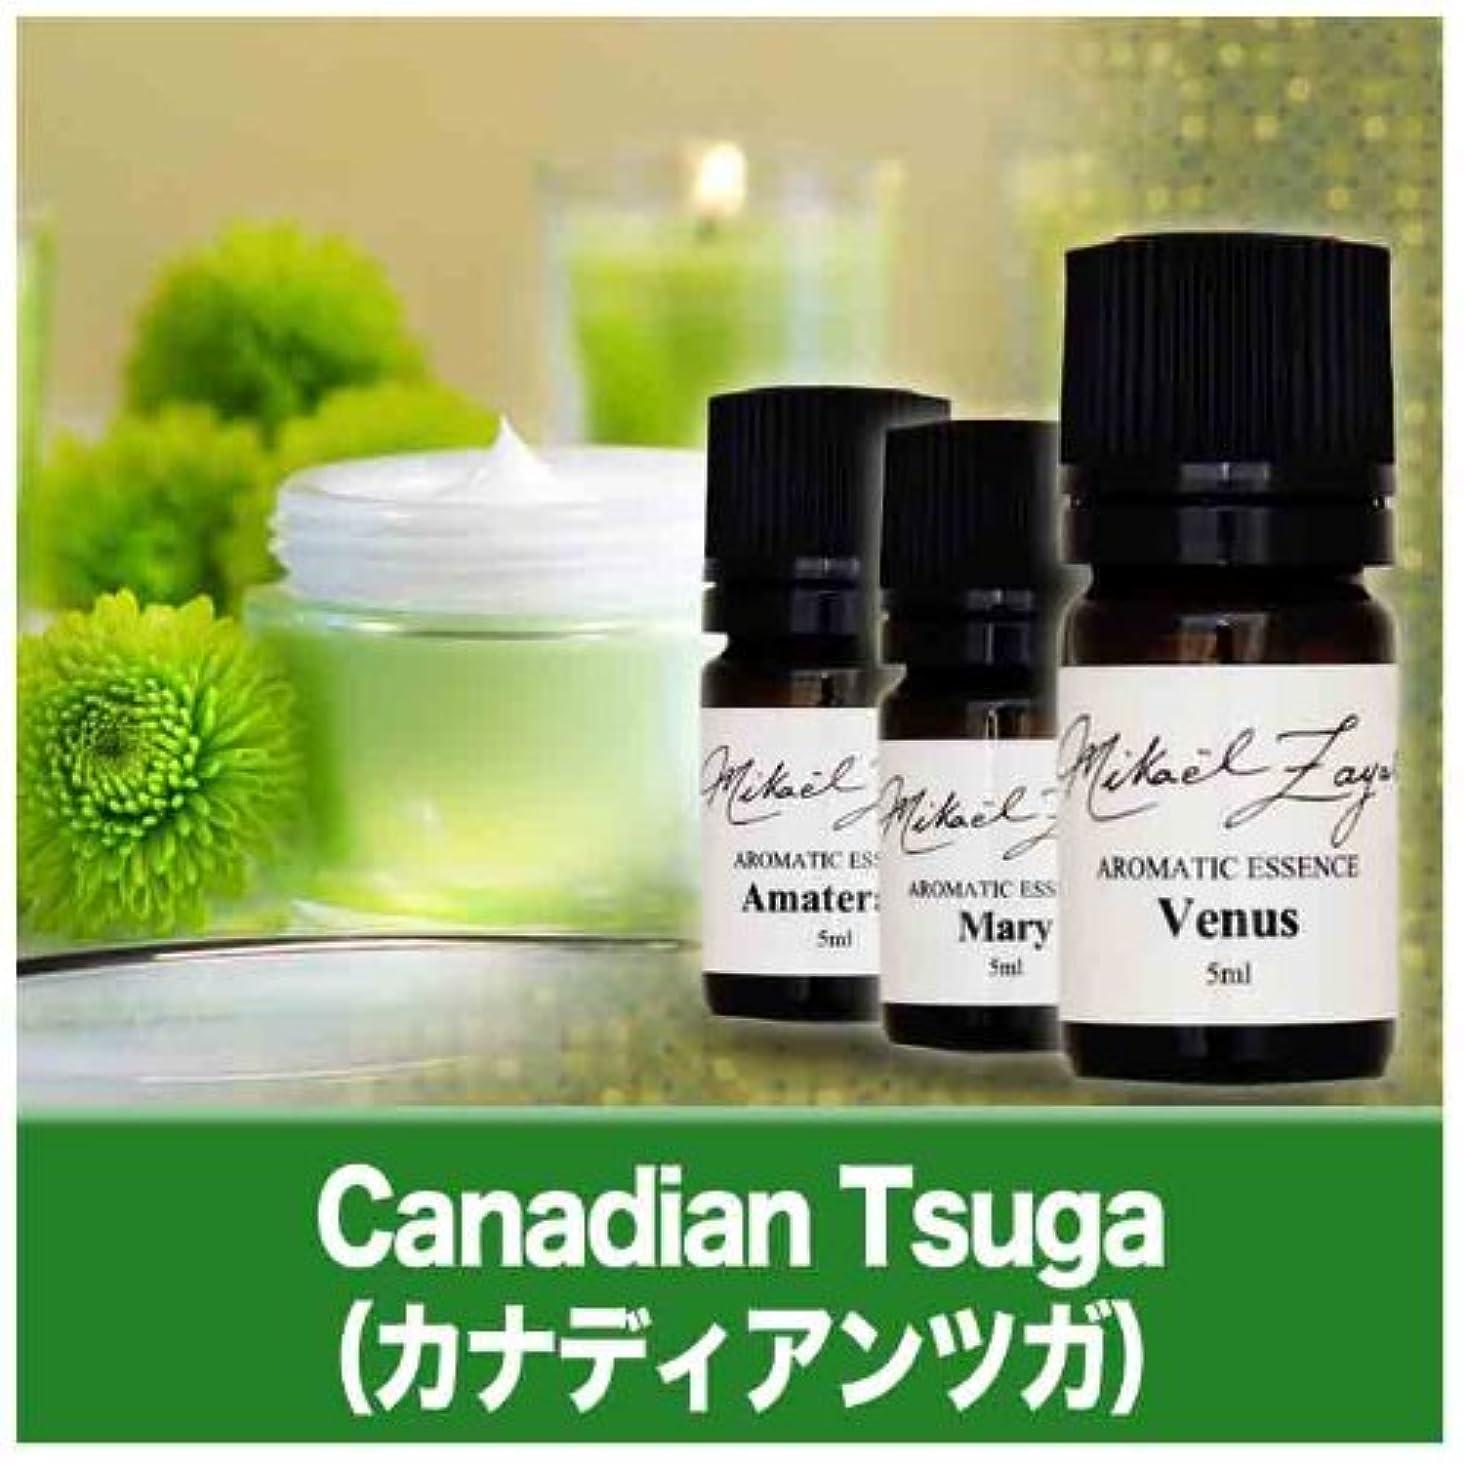 【日本総販売店】 カナディアンツガ Canadian Tsuga    5ml   ミカエルザヤットジャパン公式オンラインショップ